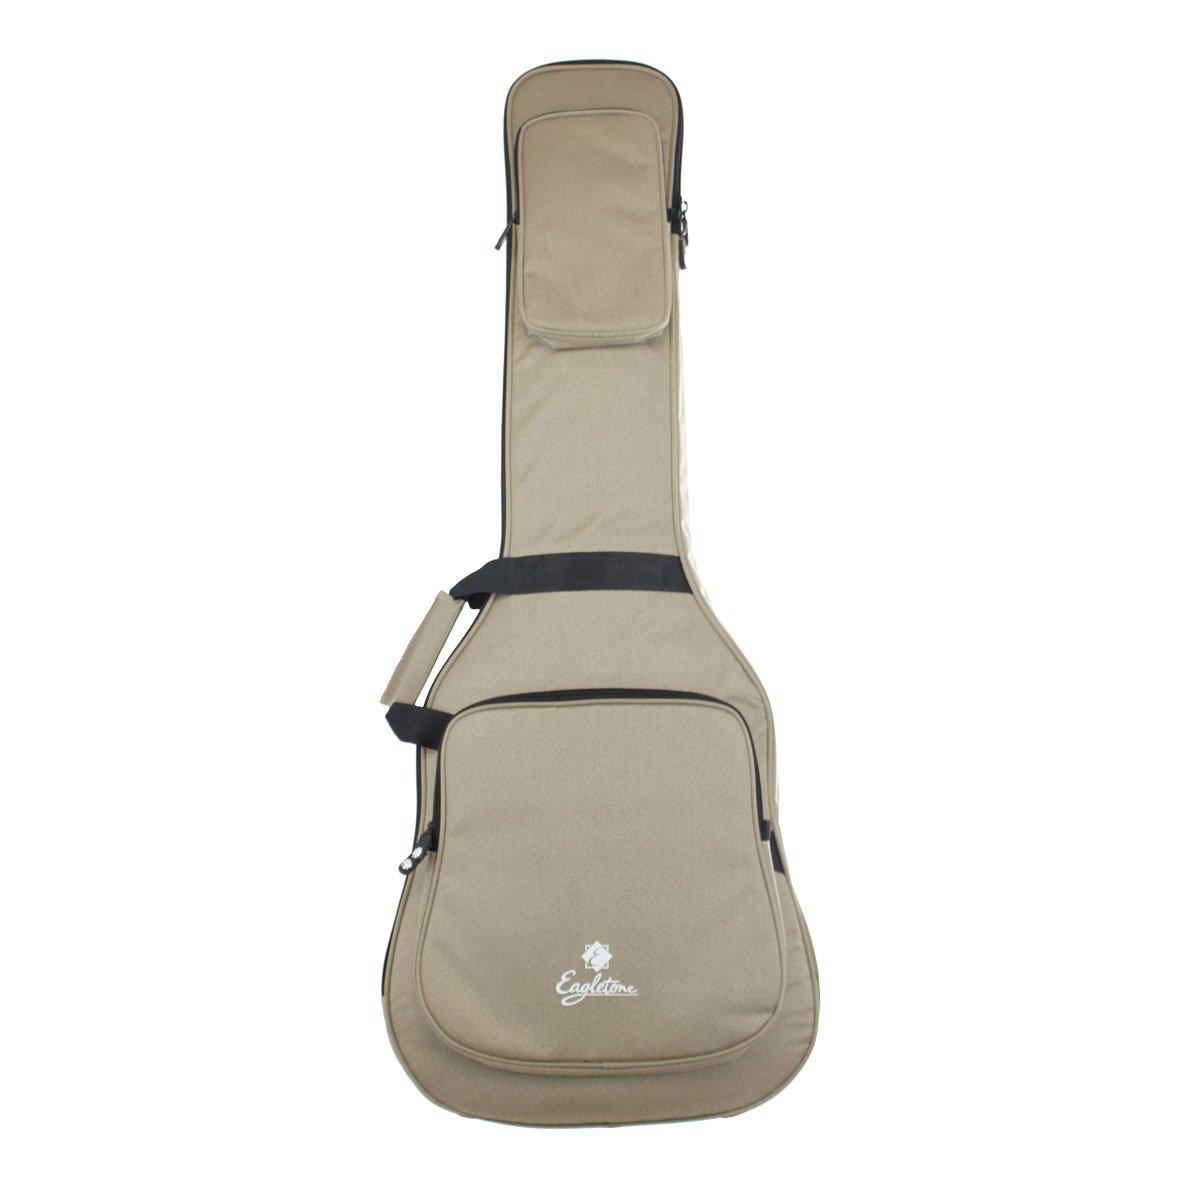 EAGLETONE DELUXE 30 E guitarras Accesorios para guitarras eléctricas